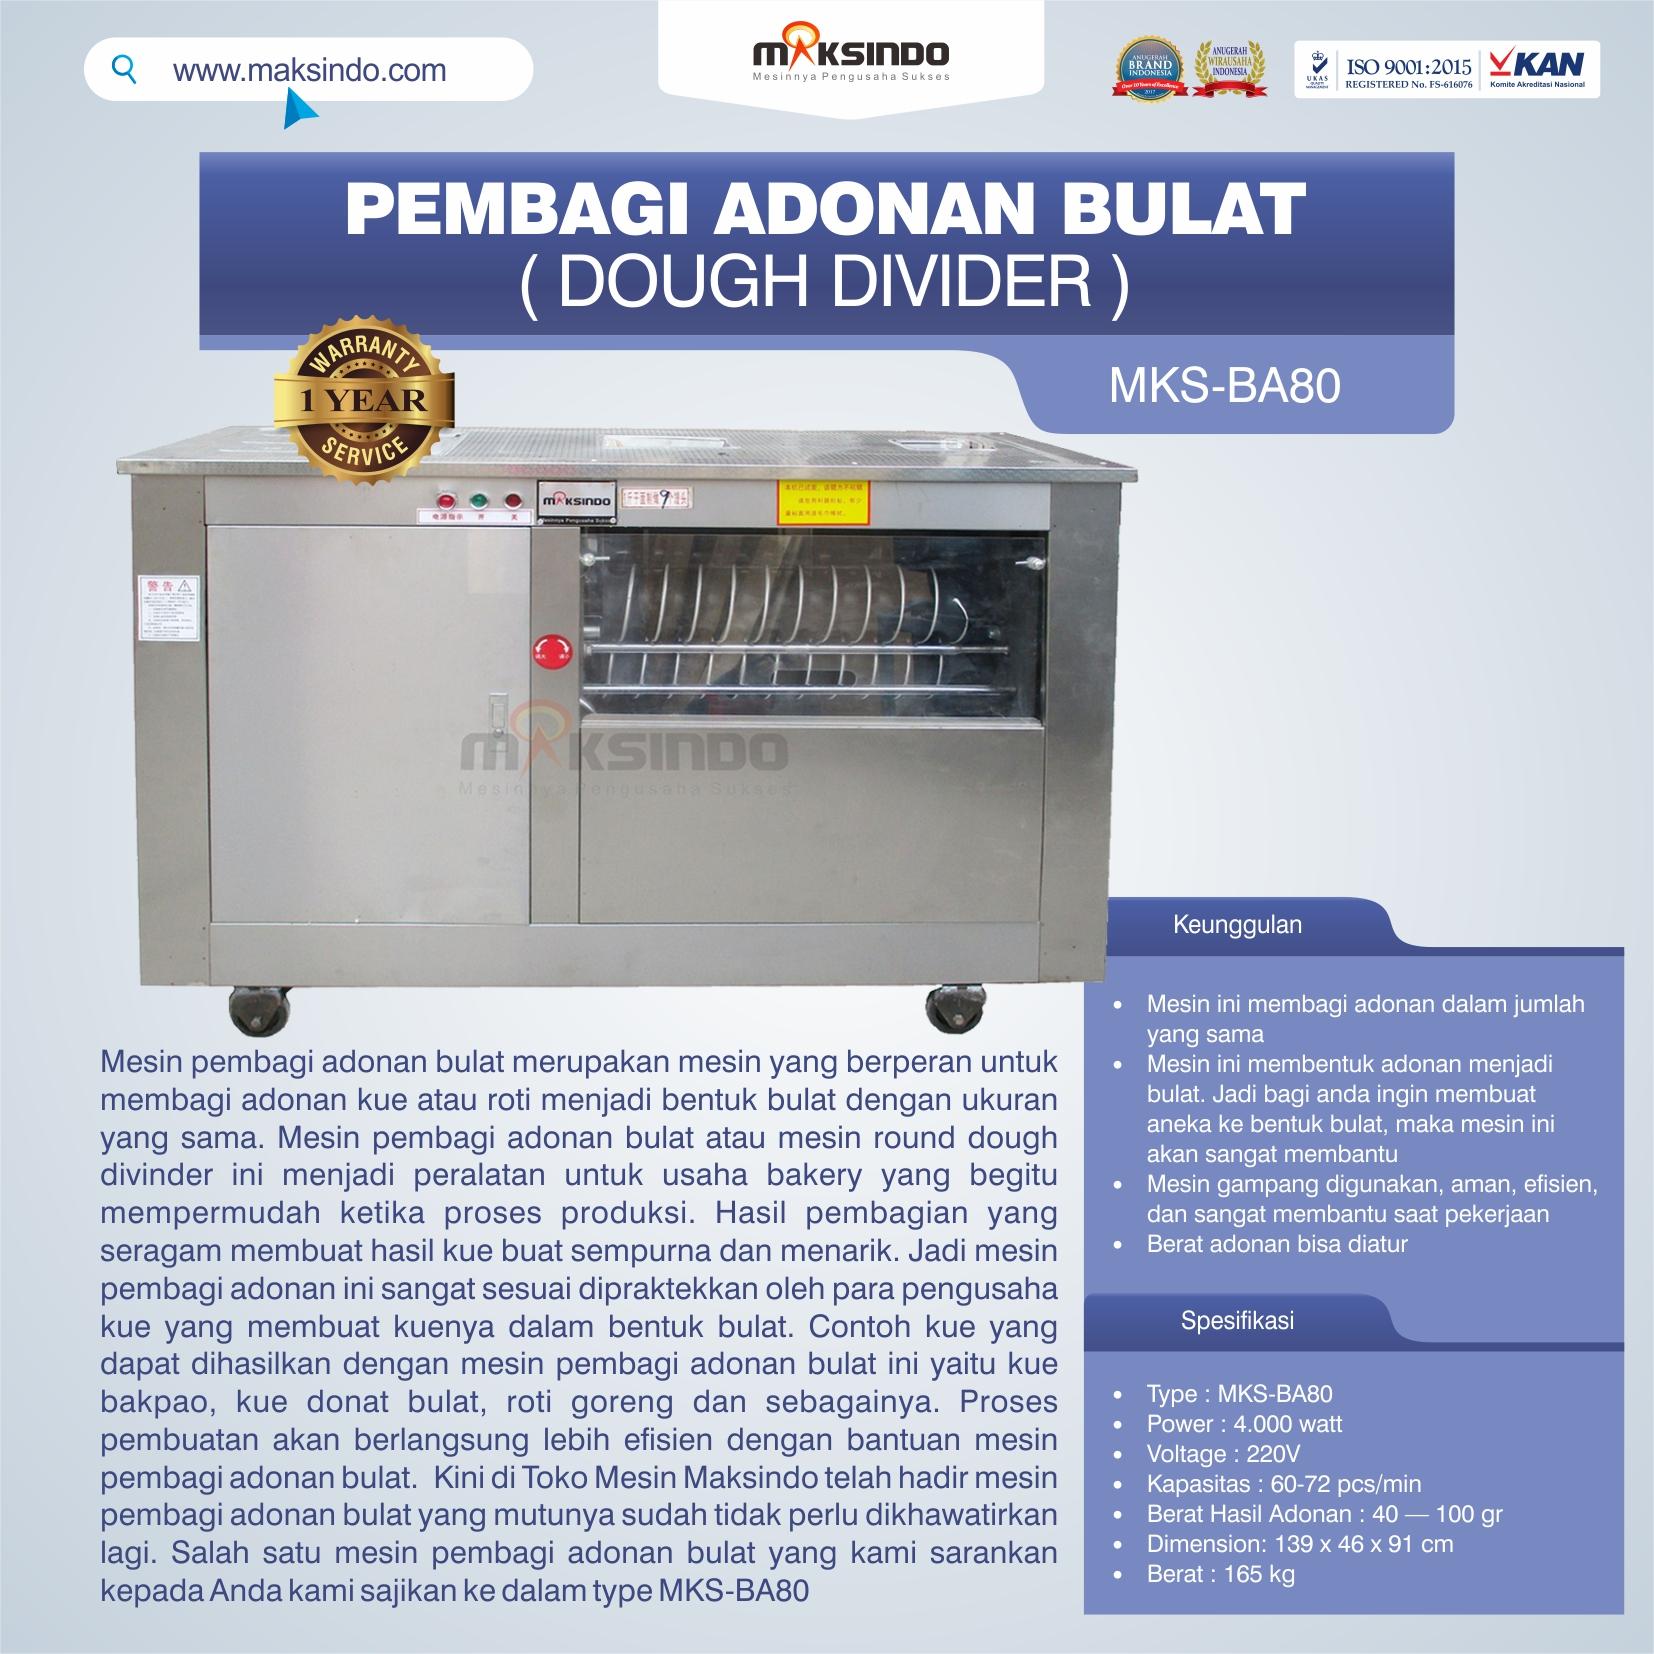 Jual Pembagi Adonan Bulat (Dough Divider) MKS-BA80 di Bali